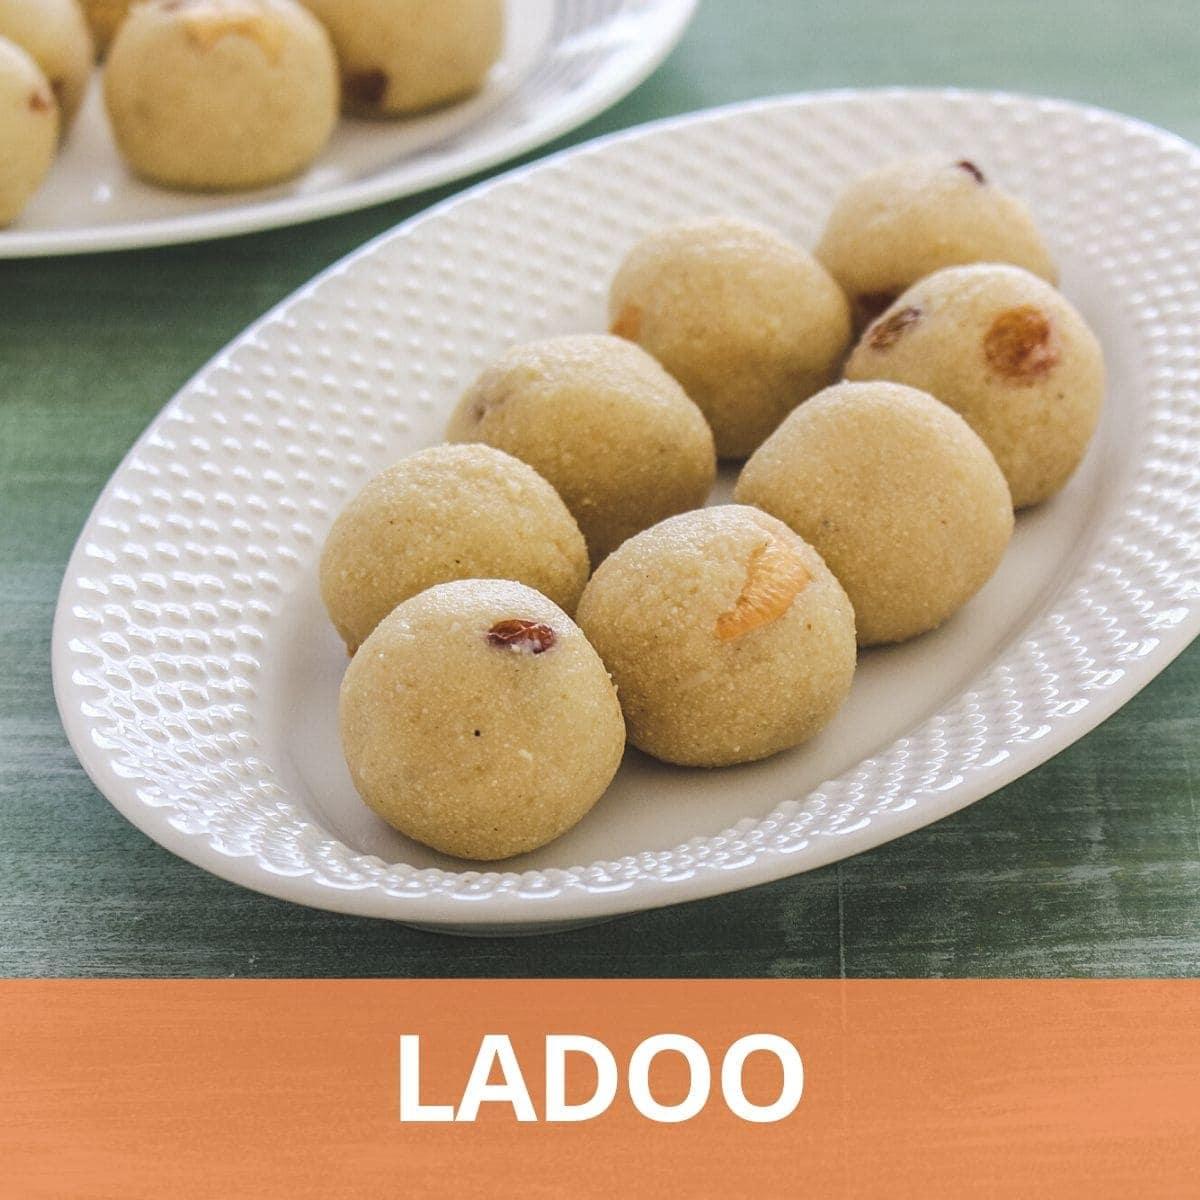 Ladoo Recipes